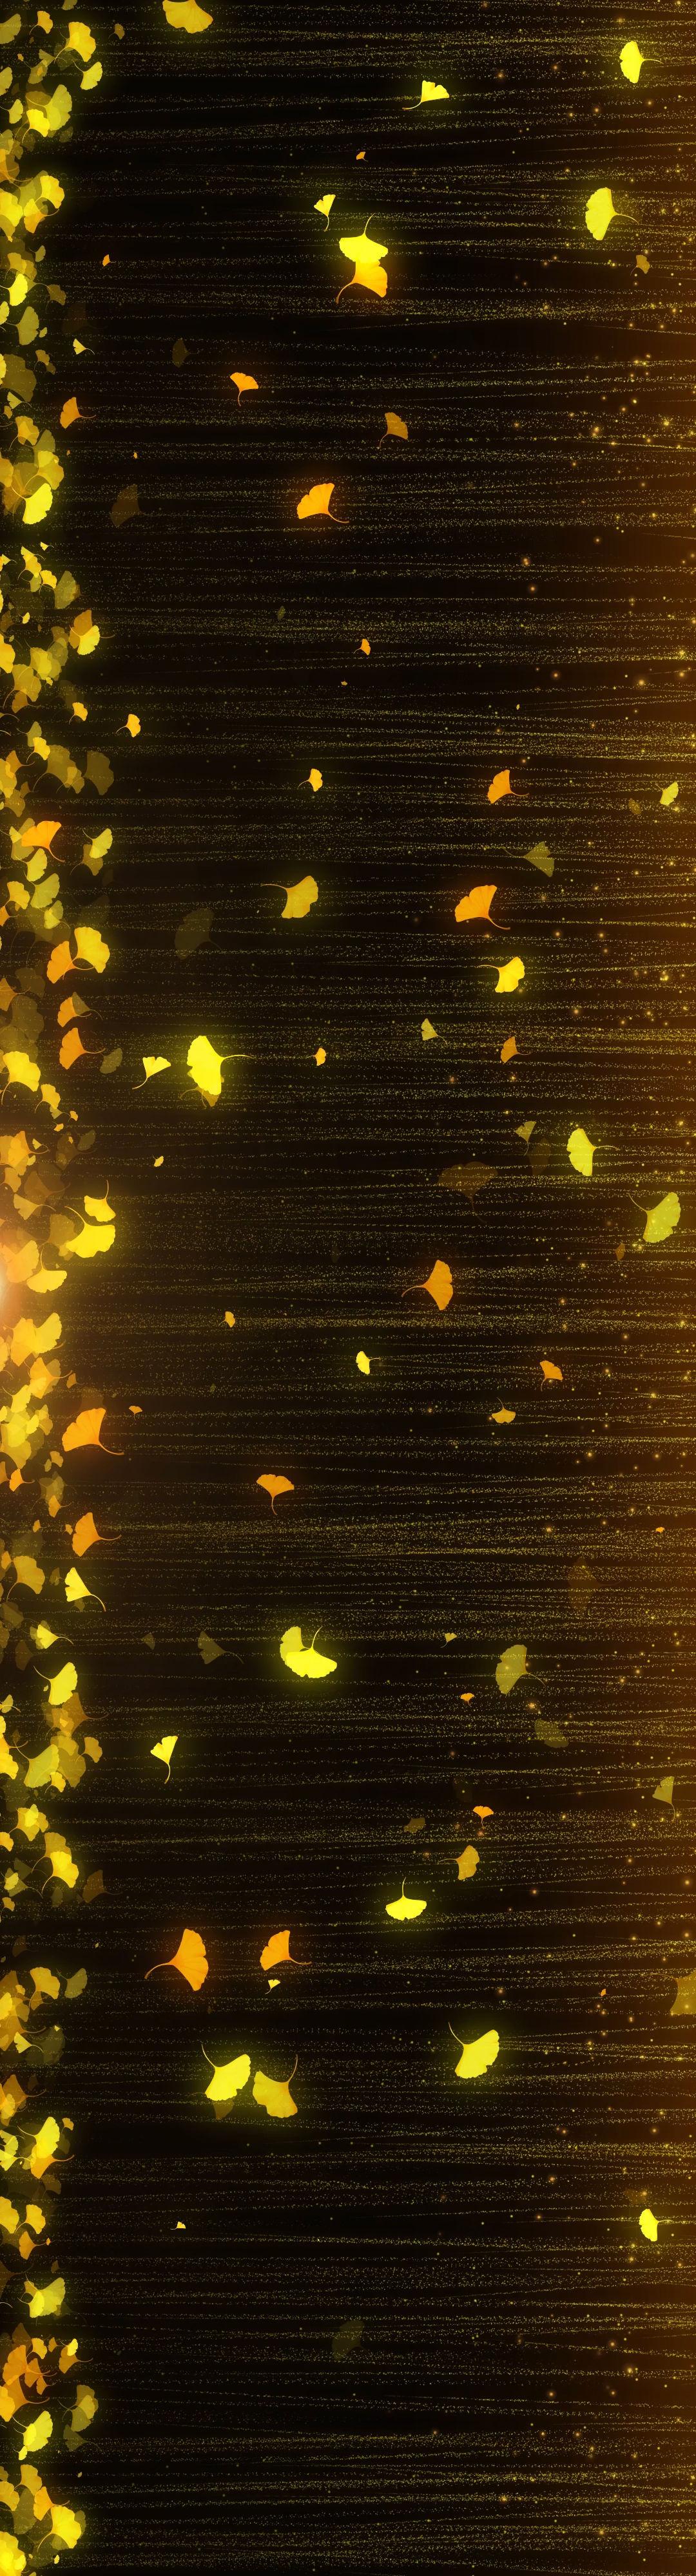 【宽屏】瀑布银杏叶-3